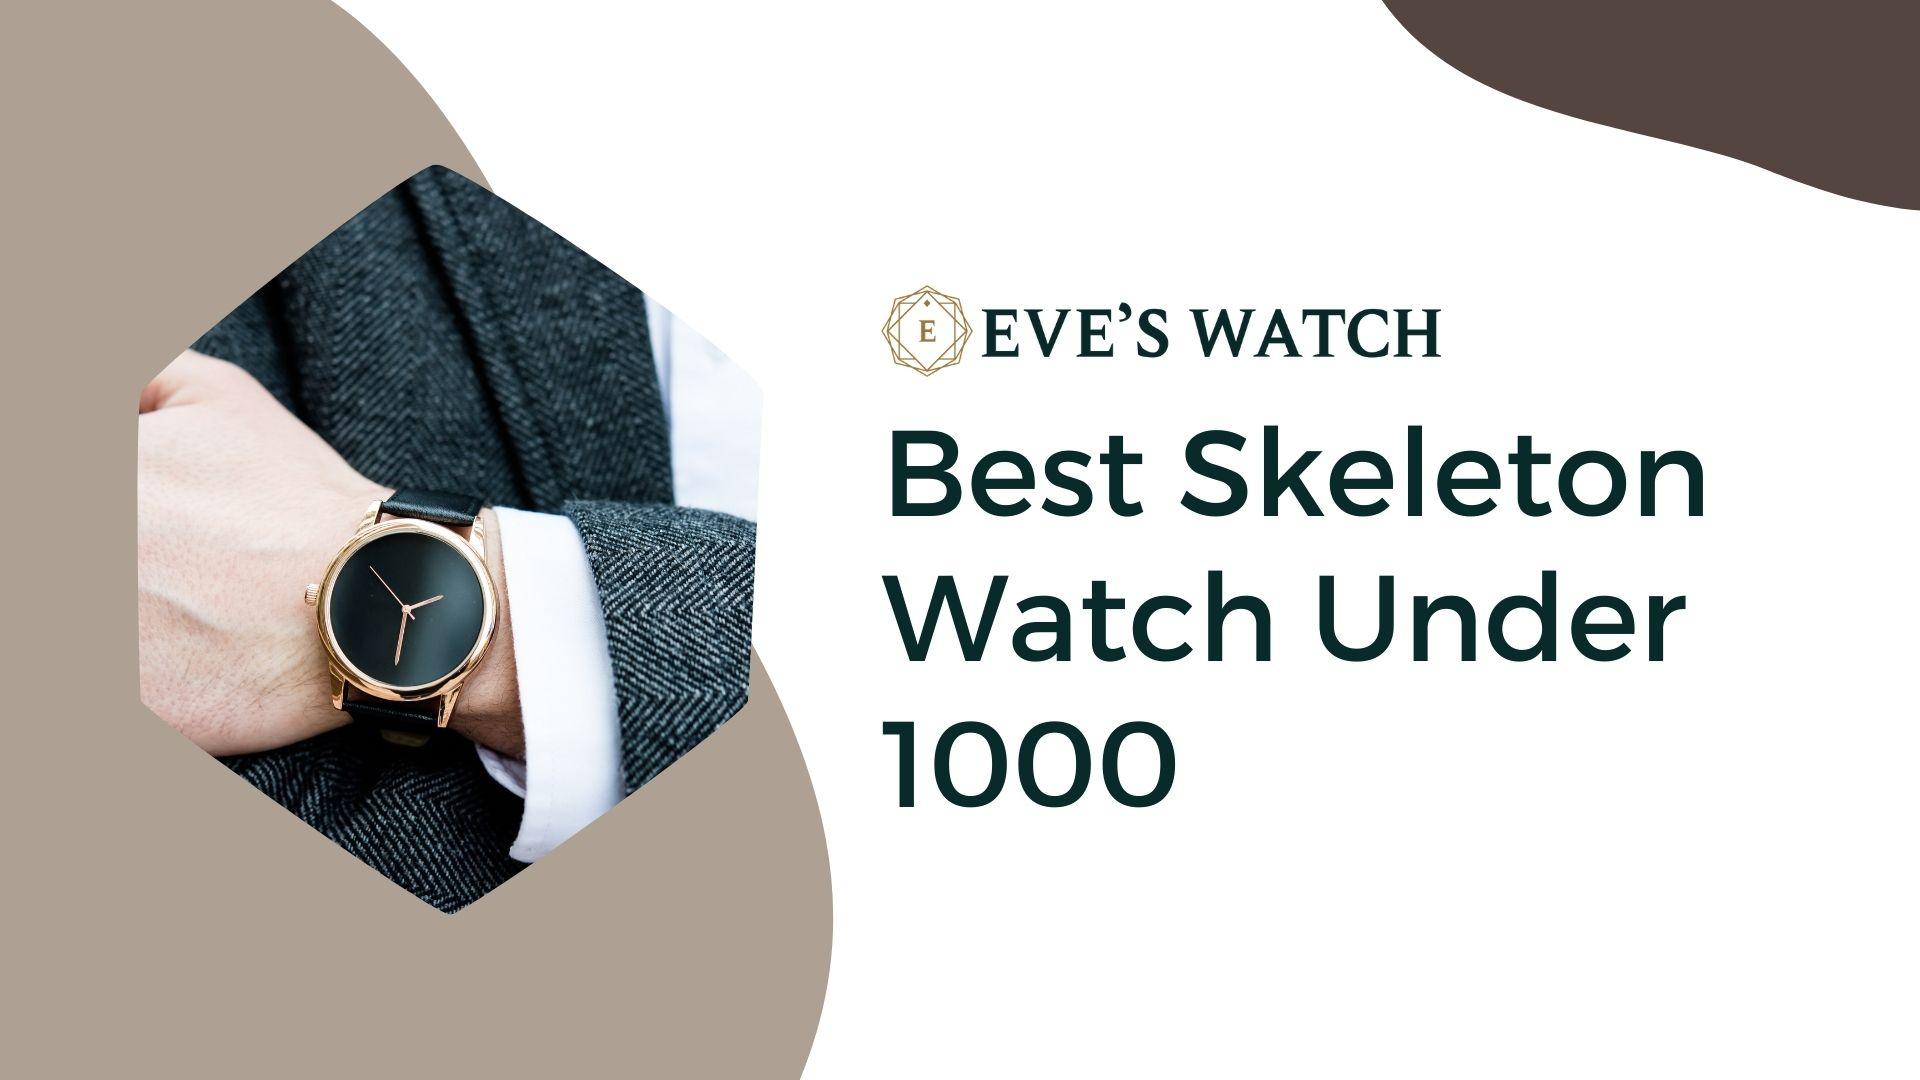 Best Skeleton Watch Under 1000